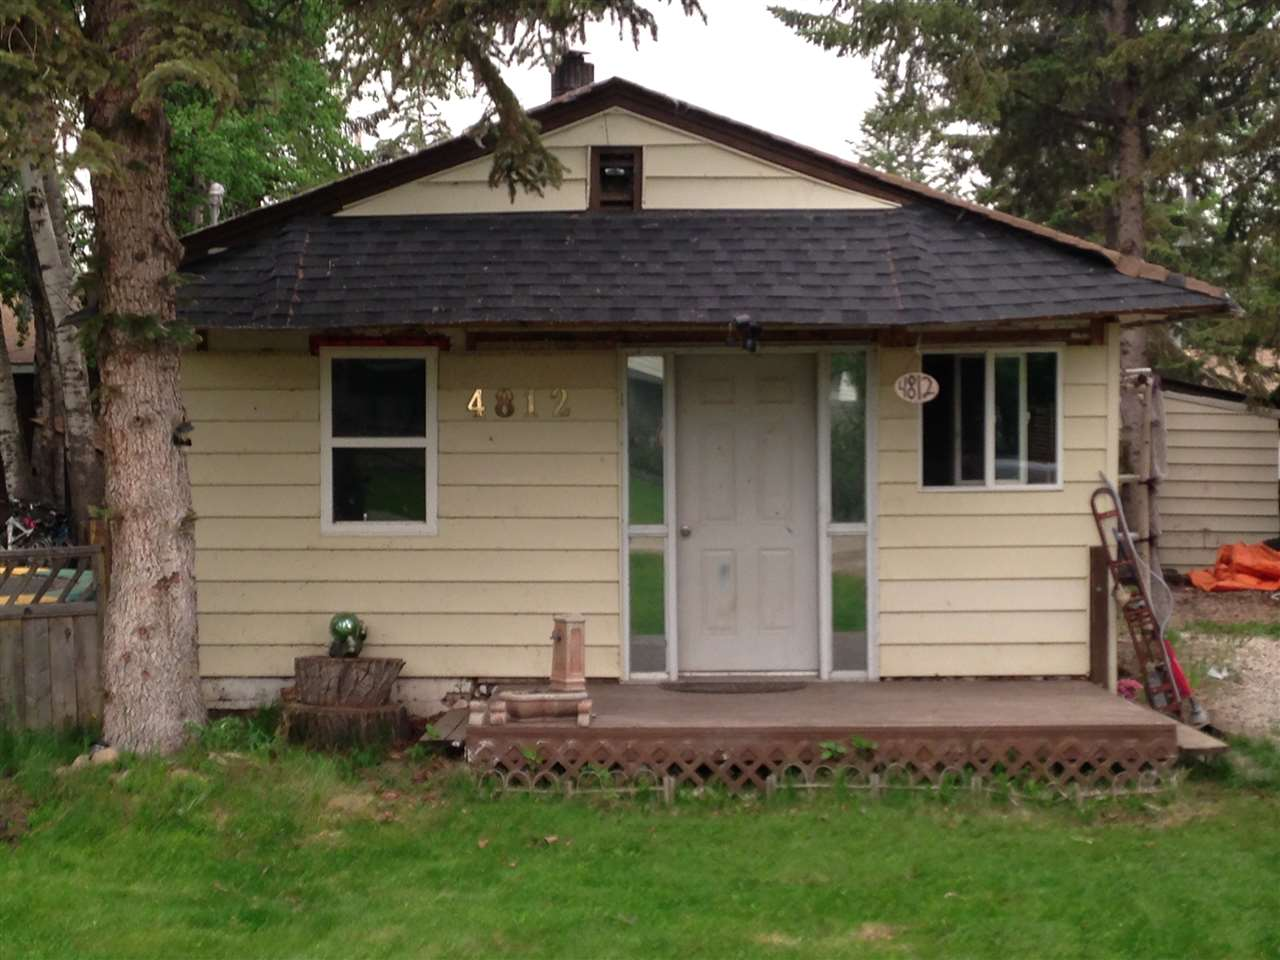 4812 59 Street, Rural Lac Ste. Anne County, MLS® # E4159396